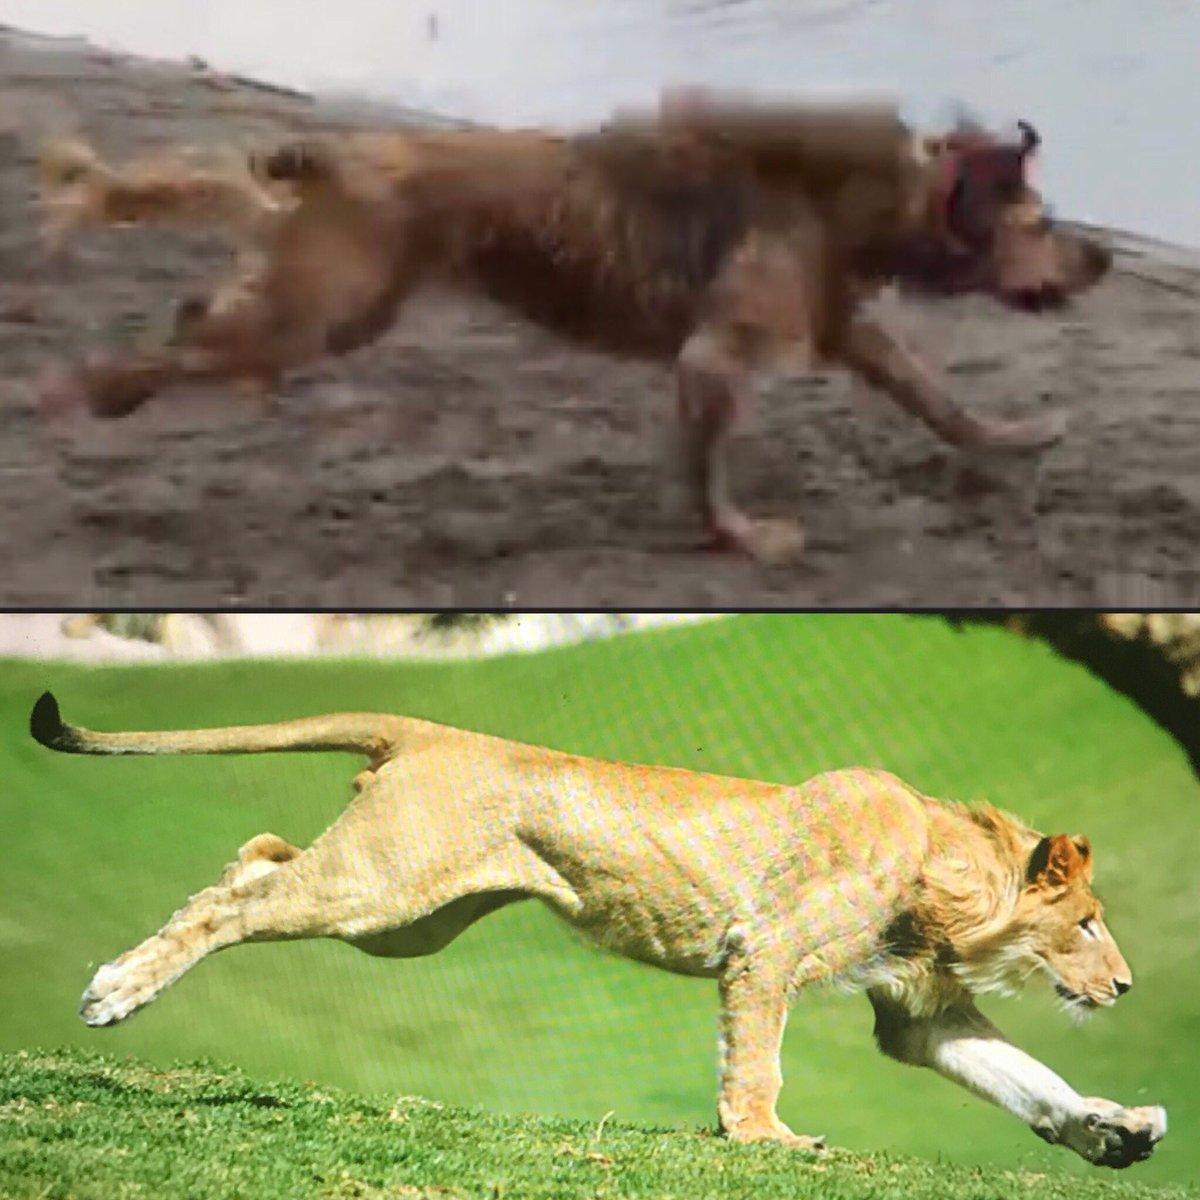 Kahlua thinks she is a lion. https://t.co/Pa95mzqIAs